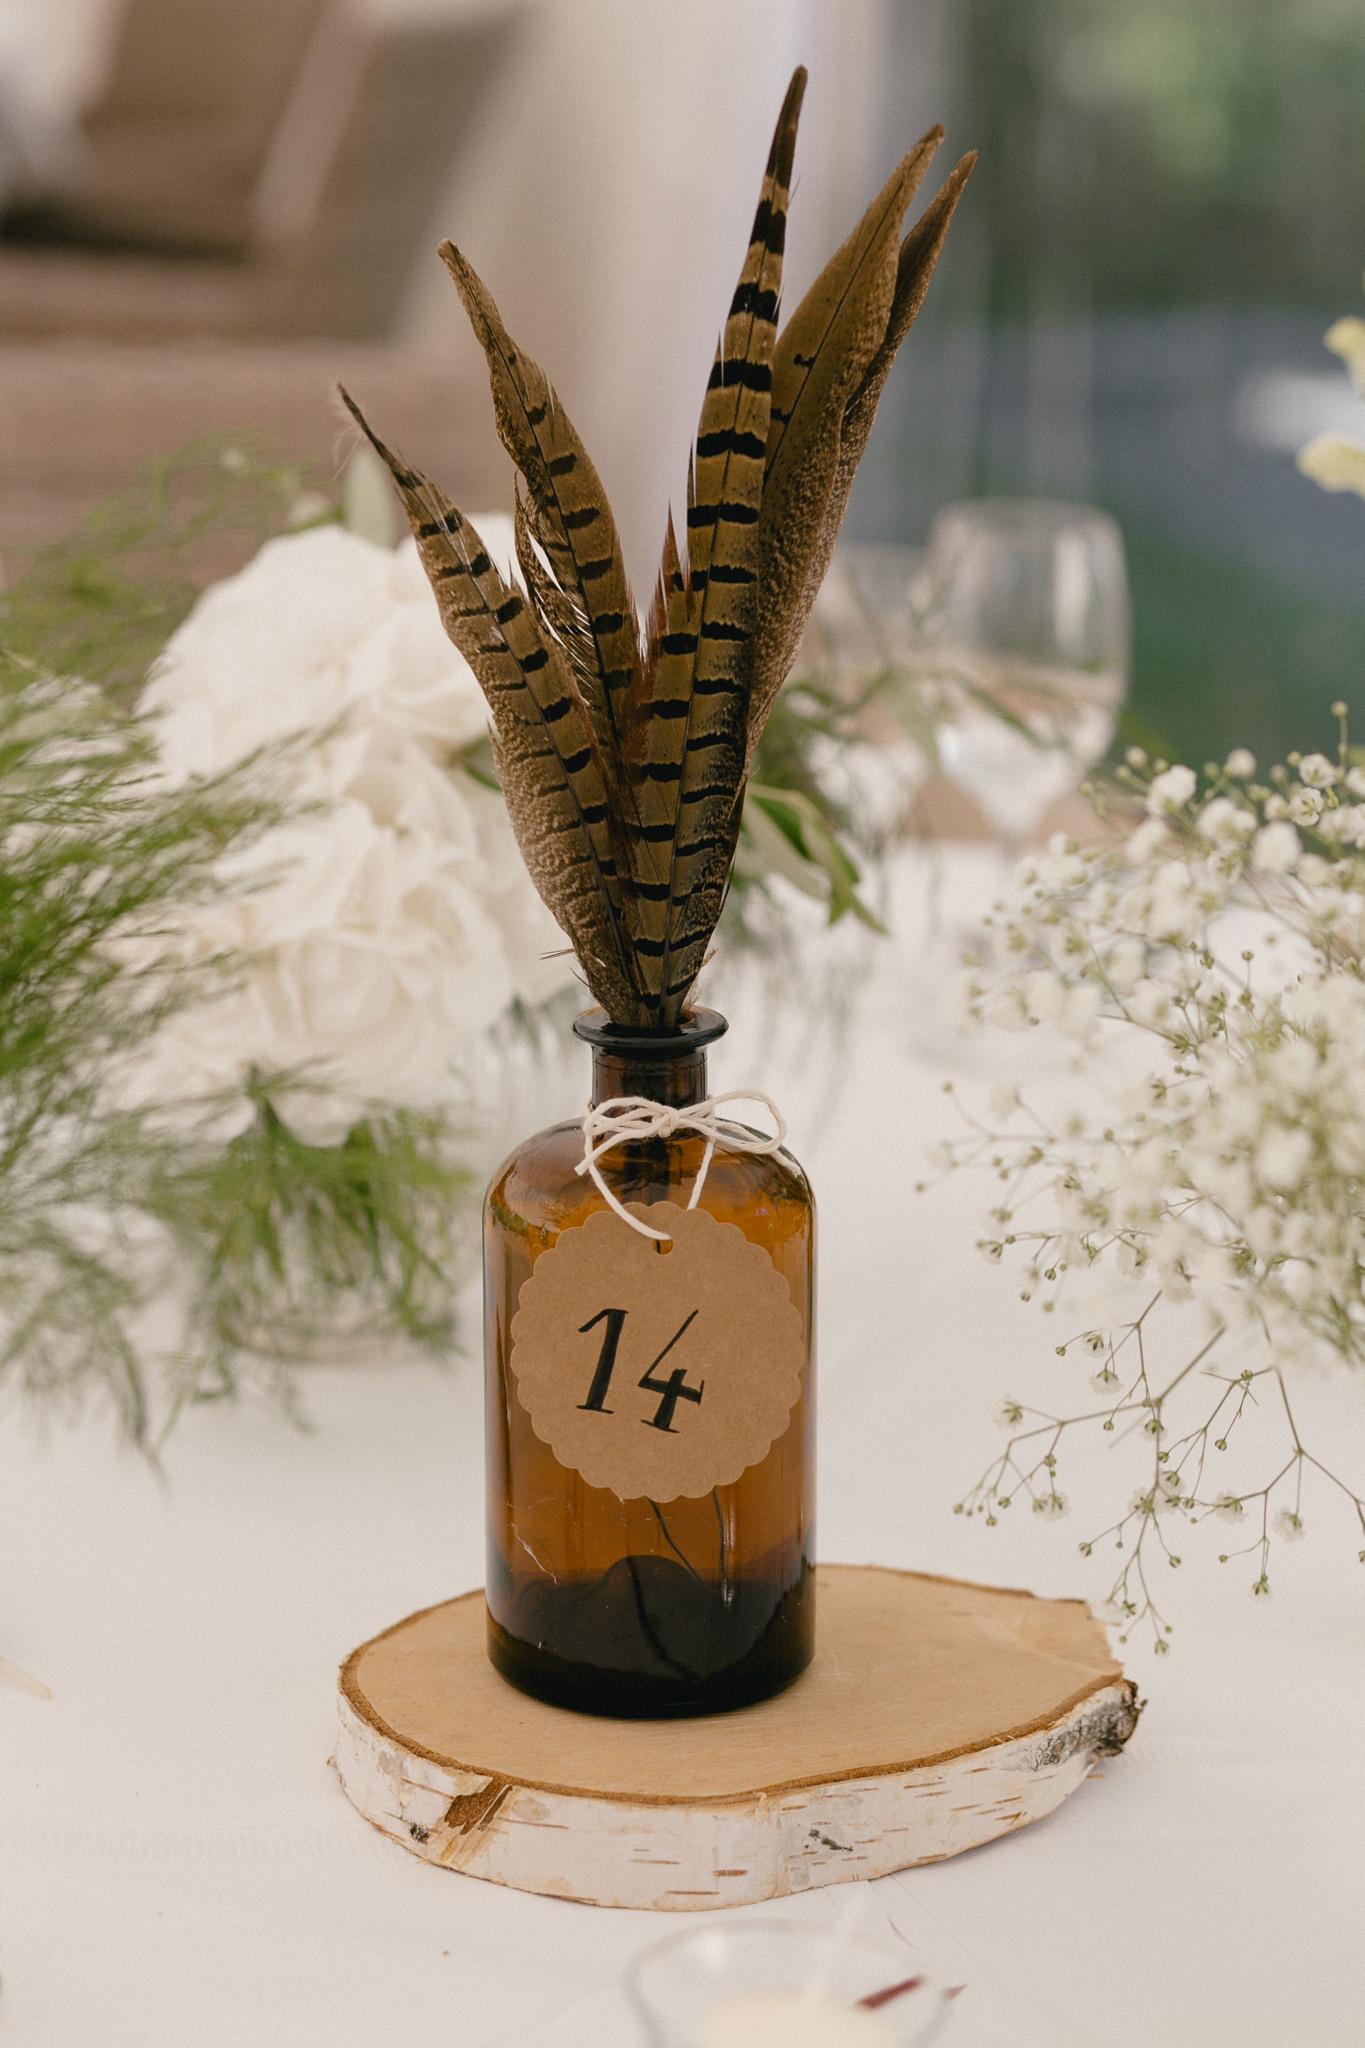 Tischnummer Hochzeit Boho Ideen, Apothekerglas Hochzeit Tischnummer